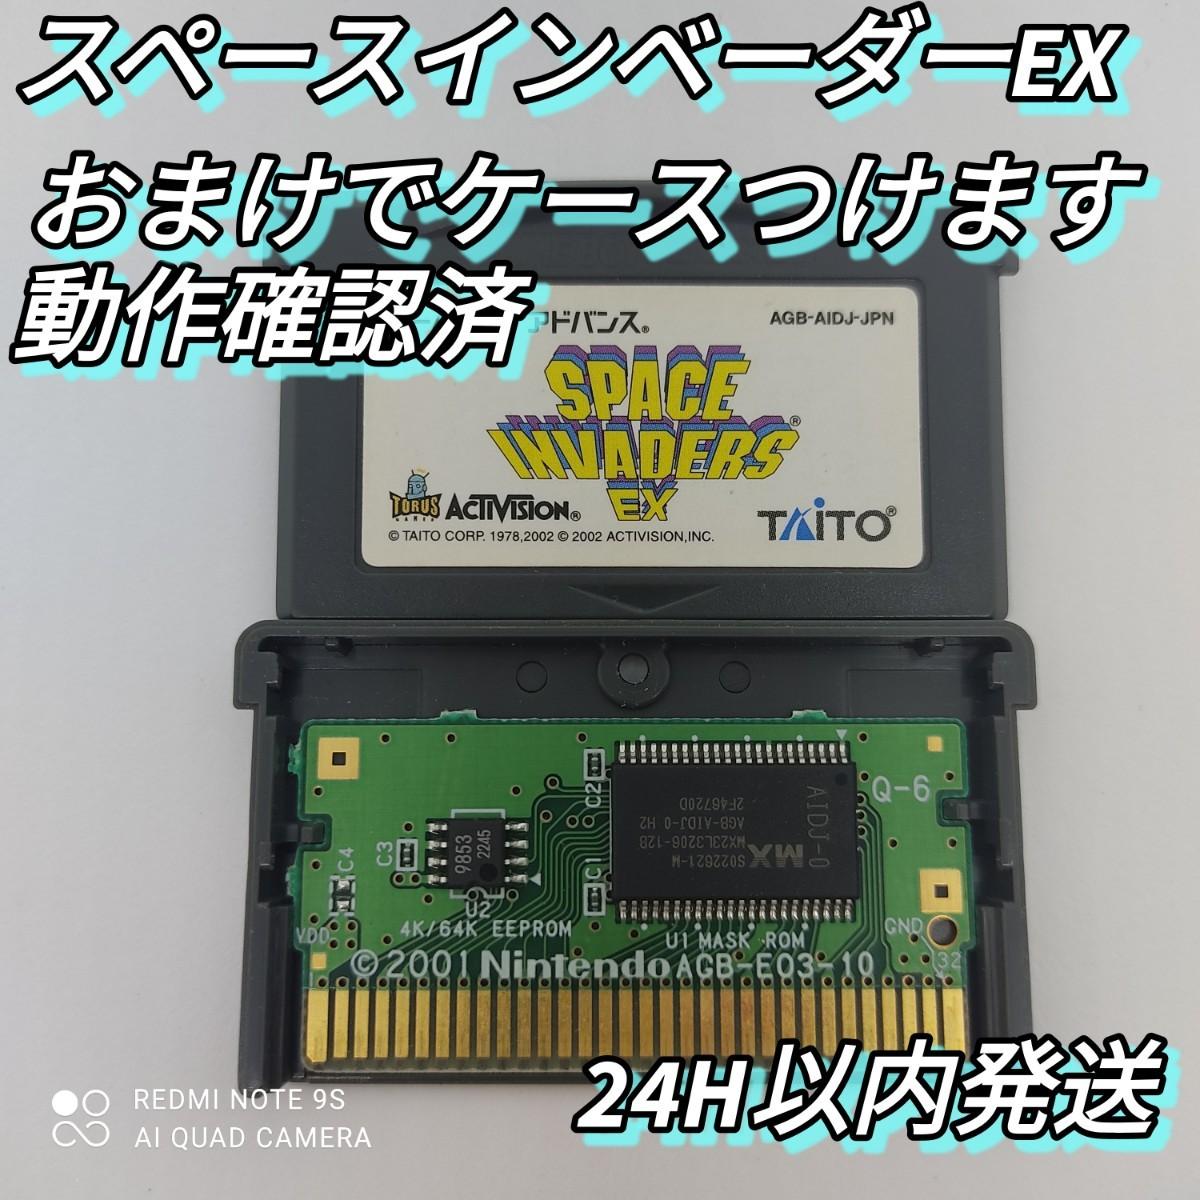 【ソフトのみ】GBA ゲームボーイアドバンス スペースインベーダーEX